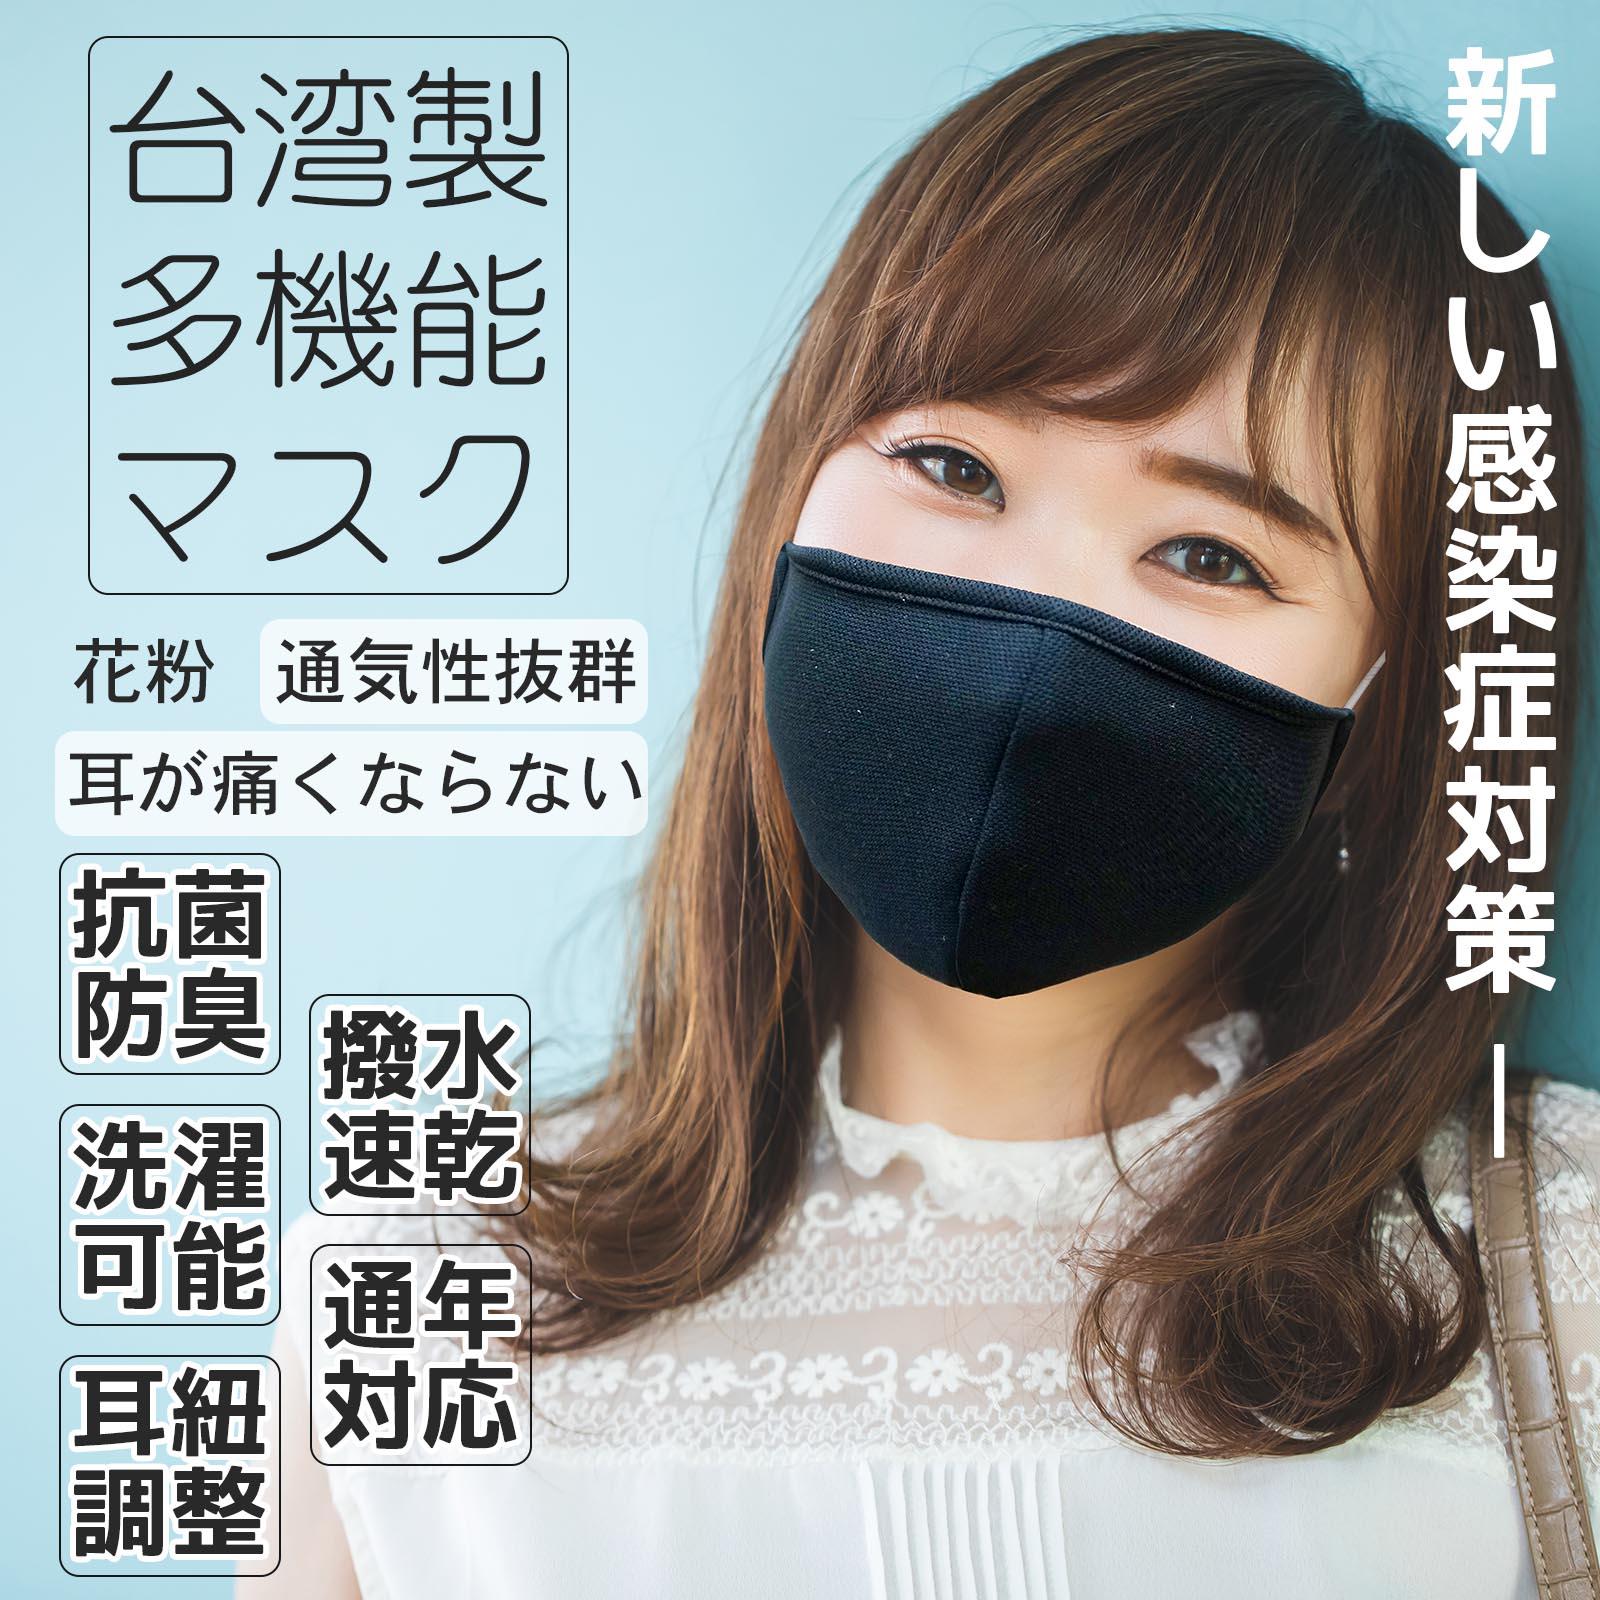 即納 マスク 洗える 抗菌 制菌 撥水 UV機能 防臭 3D サイズ調整可 男女兼用 台湾製(黒)